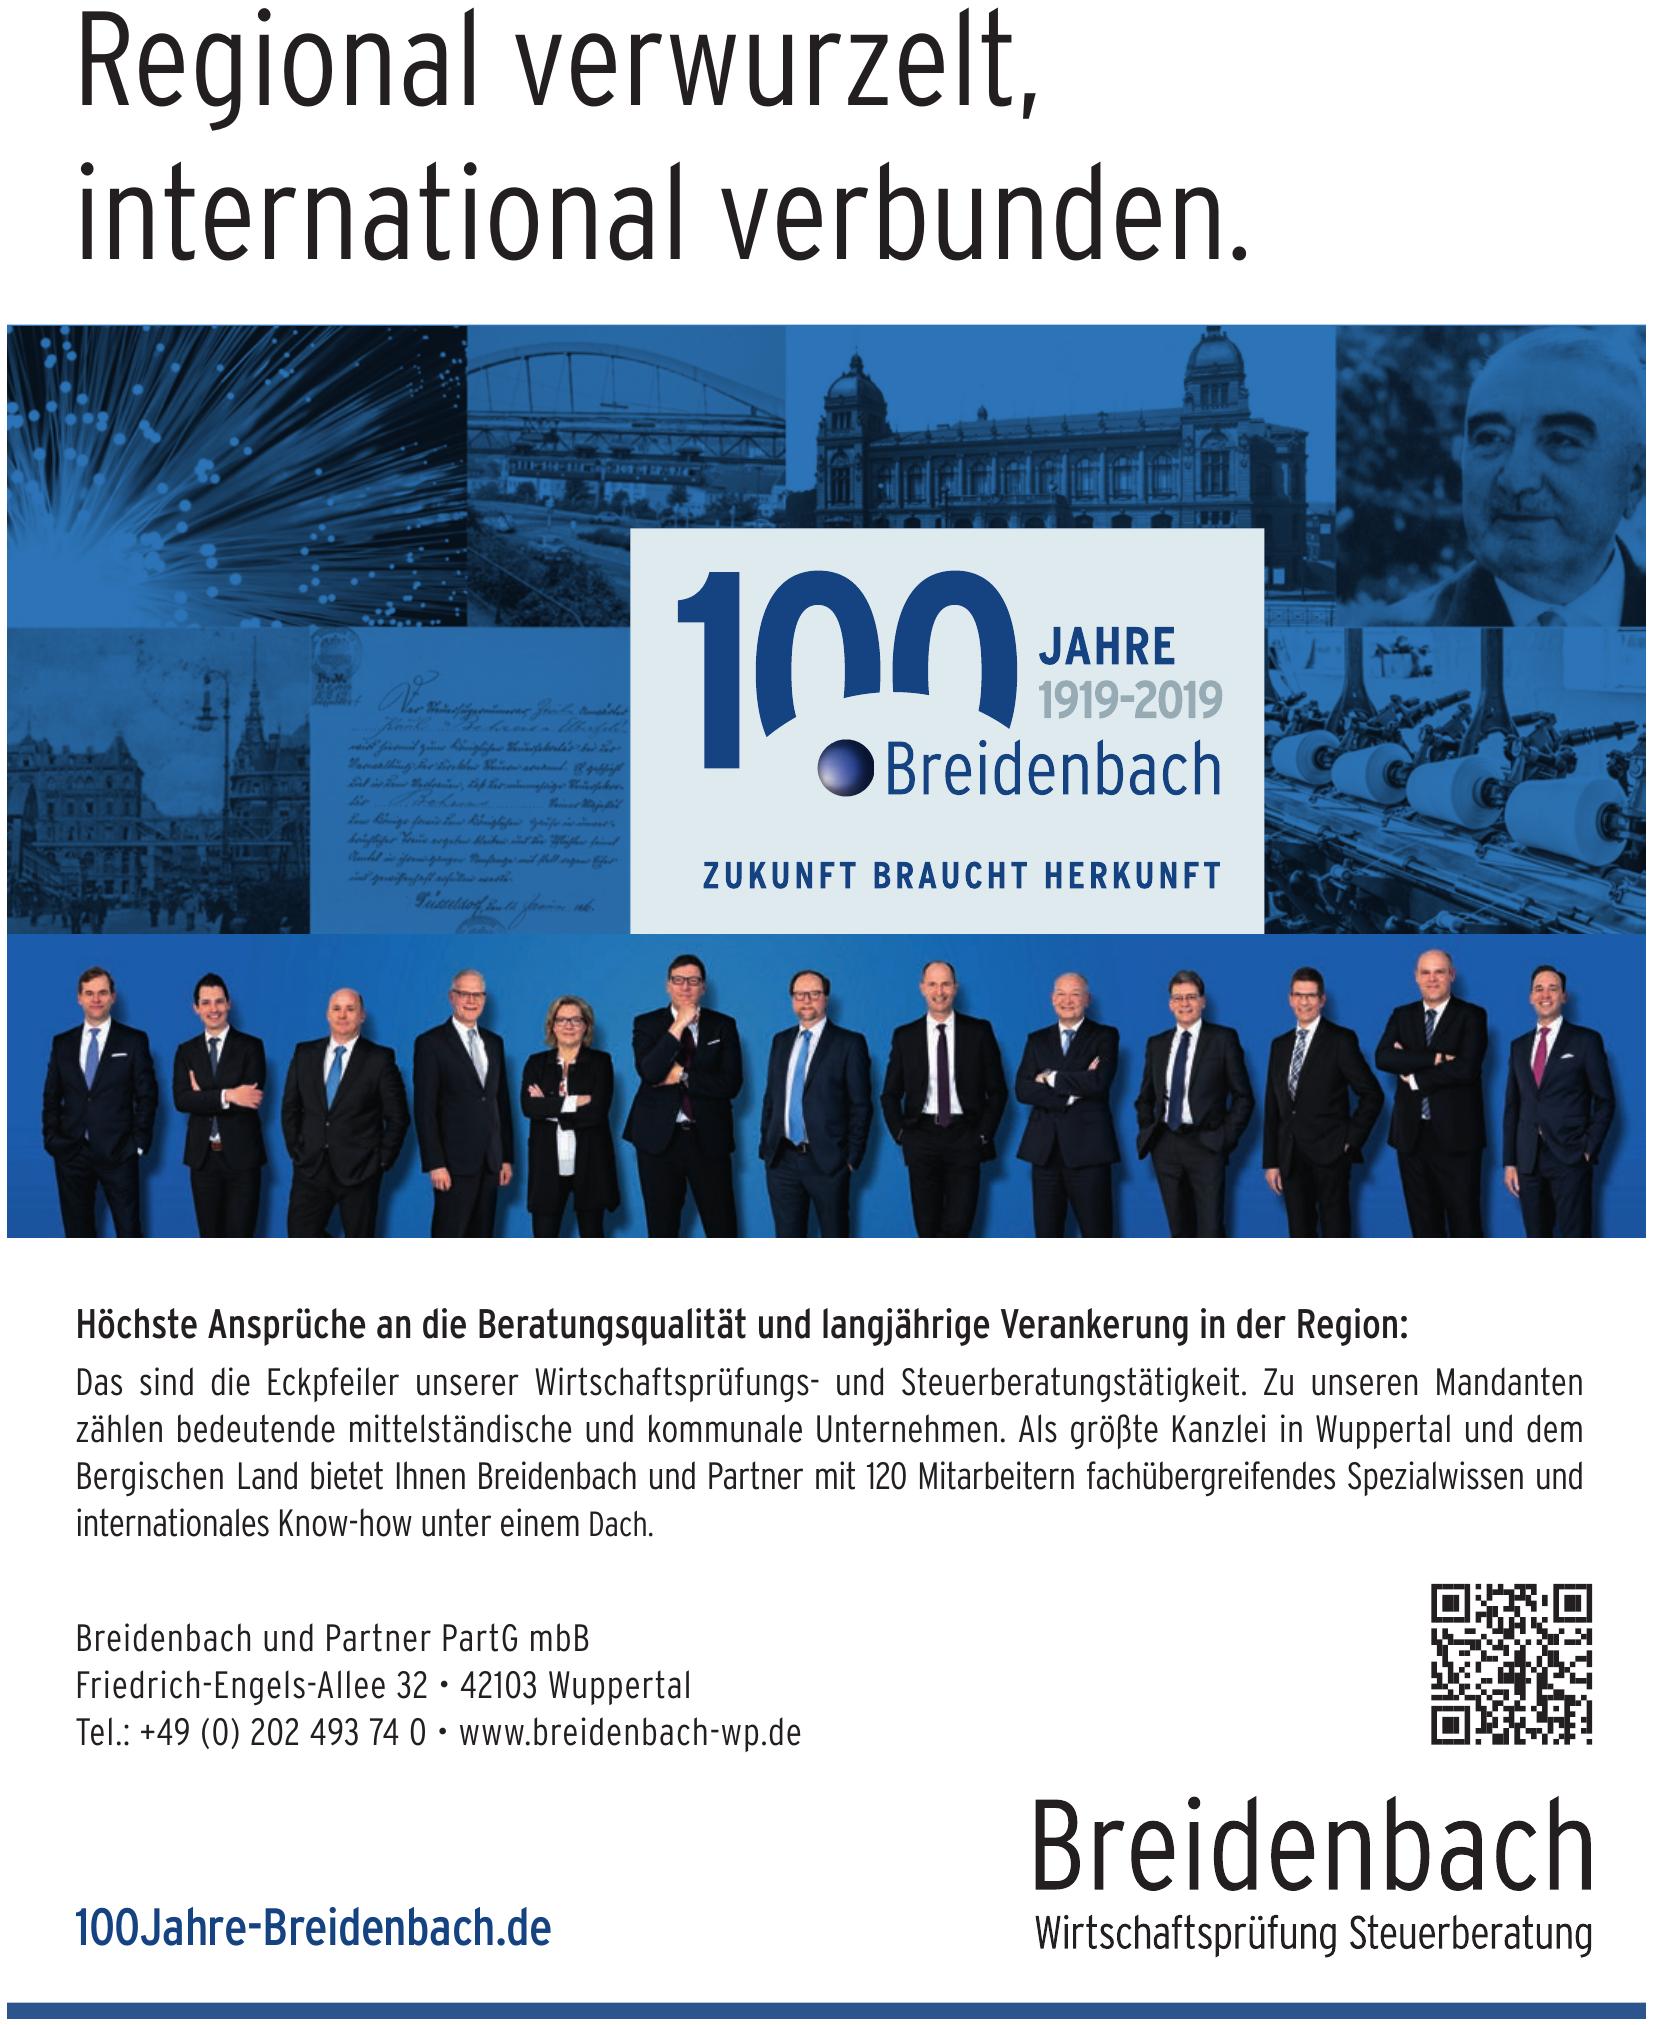 Breidenbach und Partner PartG mbB